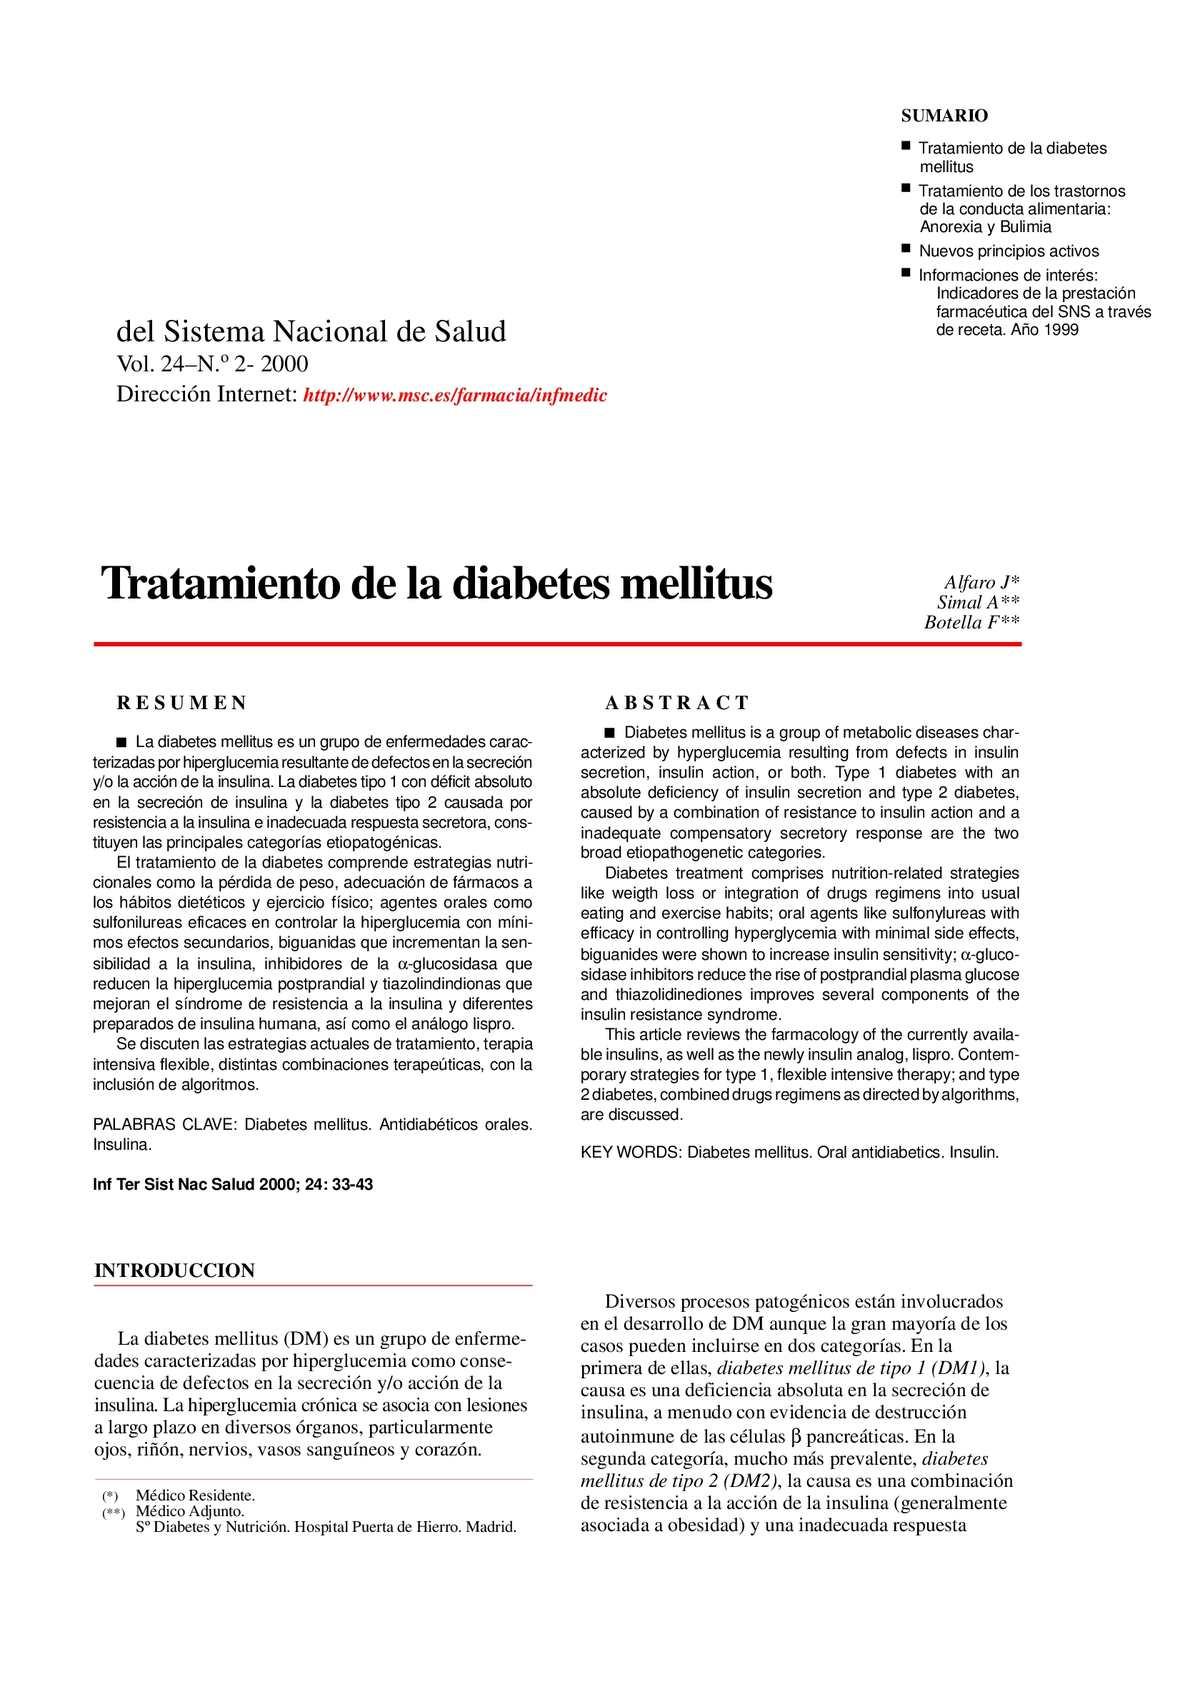 Descripción clínica de la diabetes mellitus.